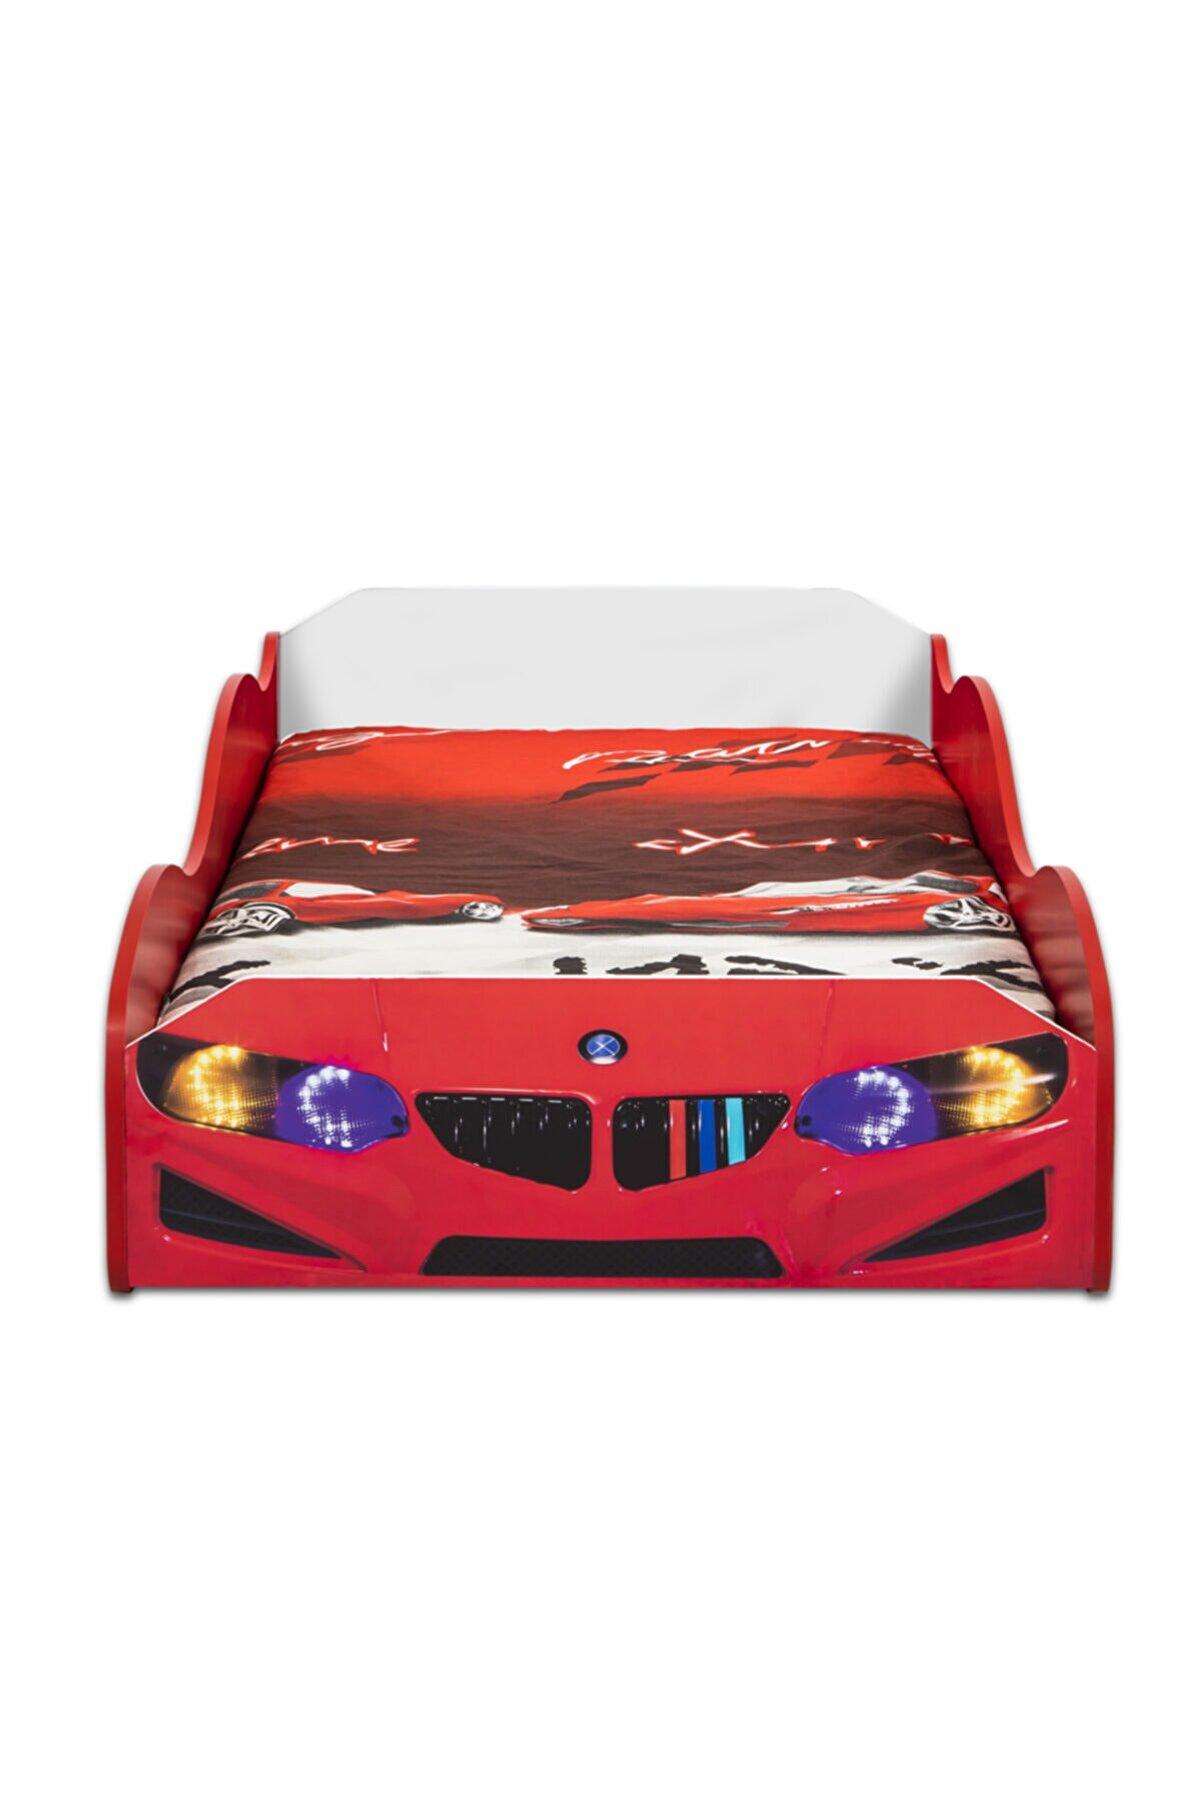 inegoldeneve S1 - Bmw - Eko - Arabalı Yatak Araba Karyola - Kırmızı